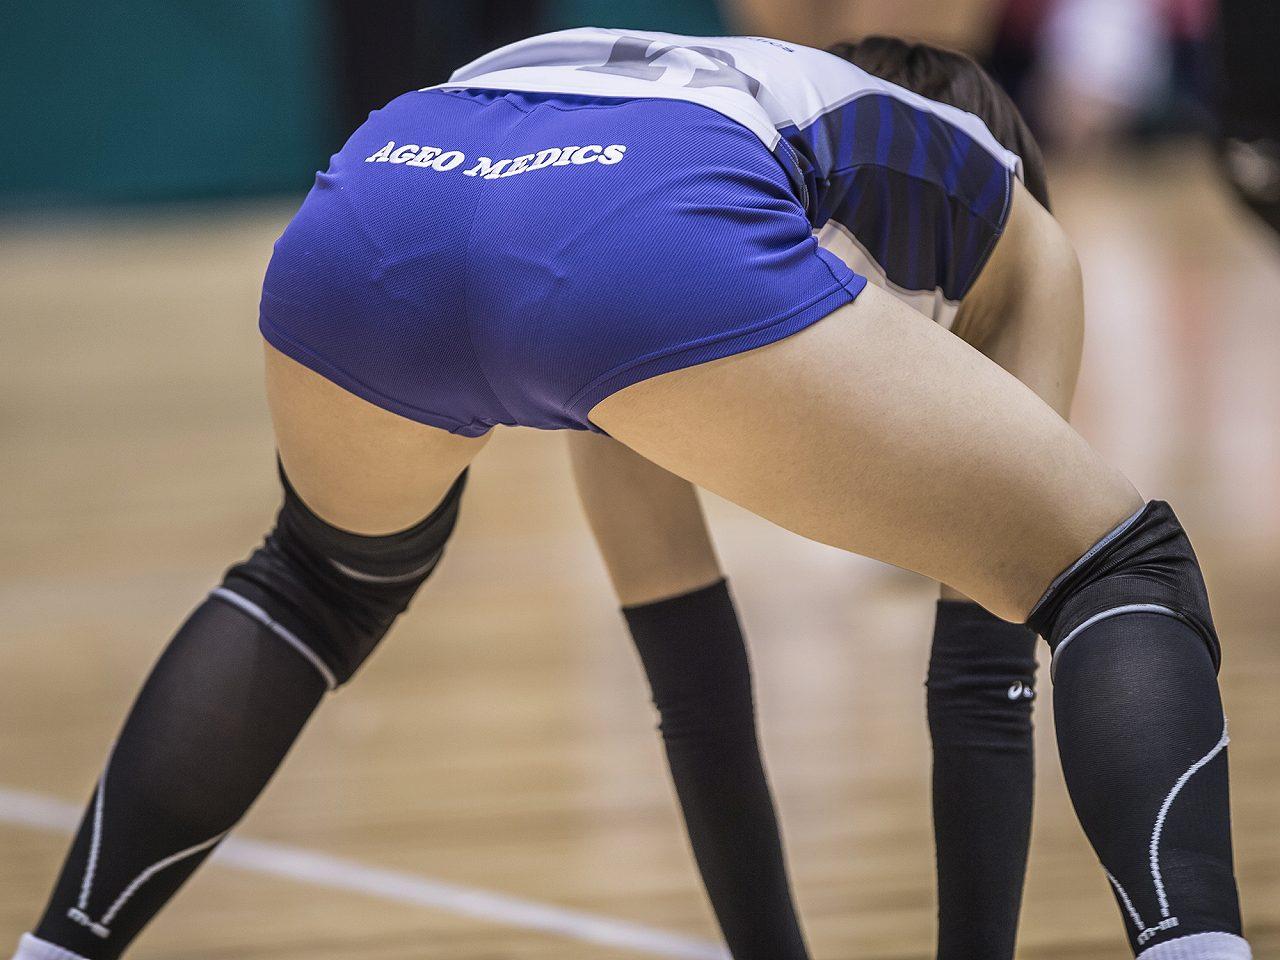 ピチピチのユニフォームを着た女子バレー選手のパン線くっきりお尻